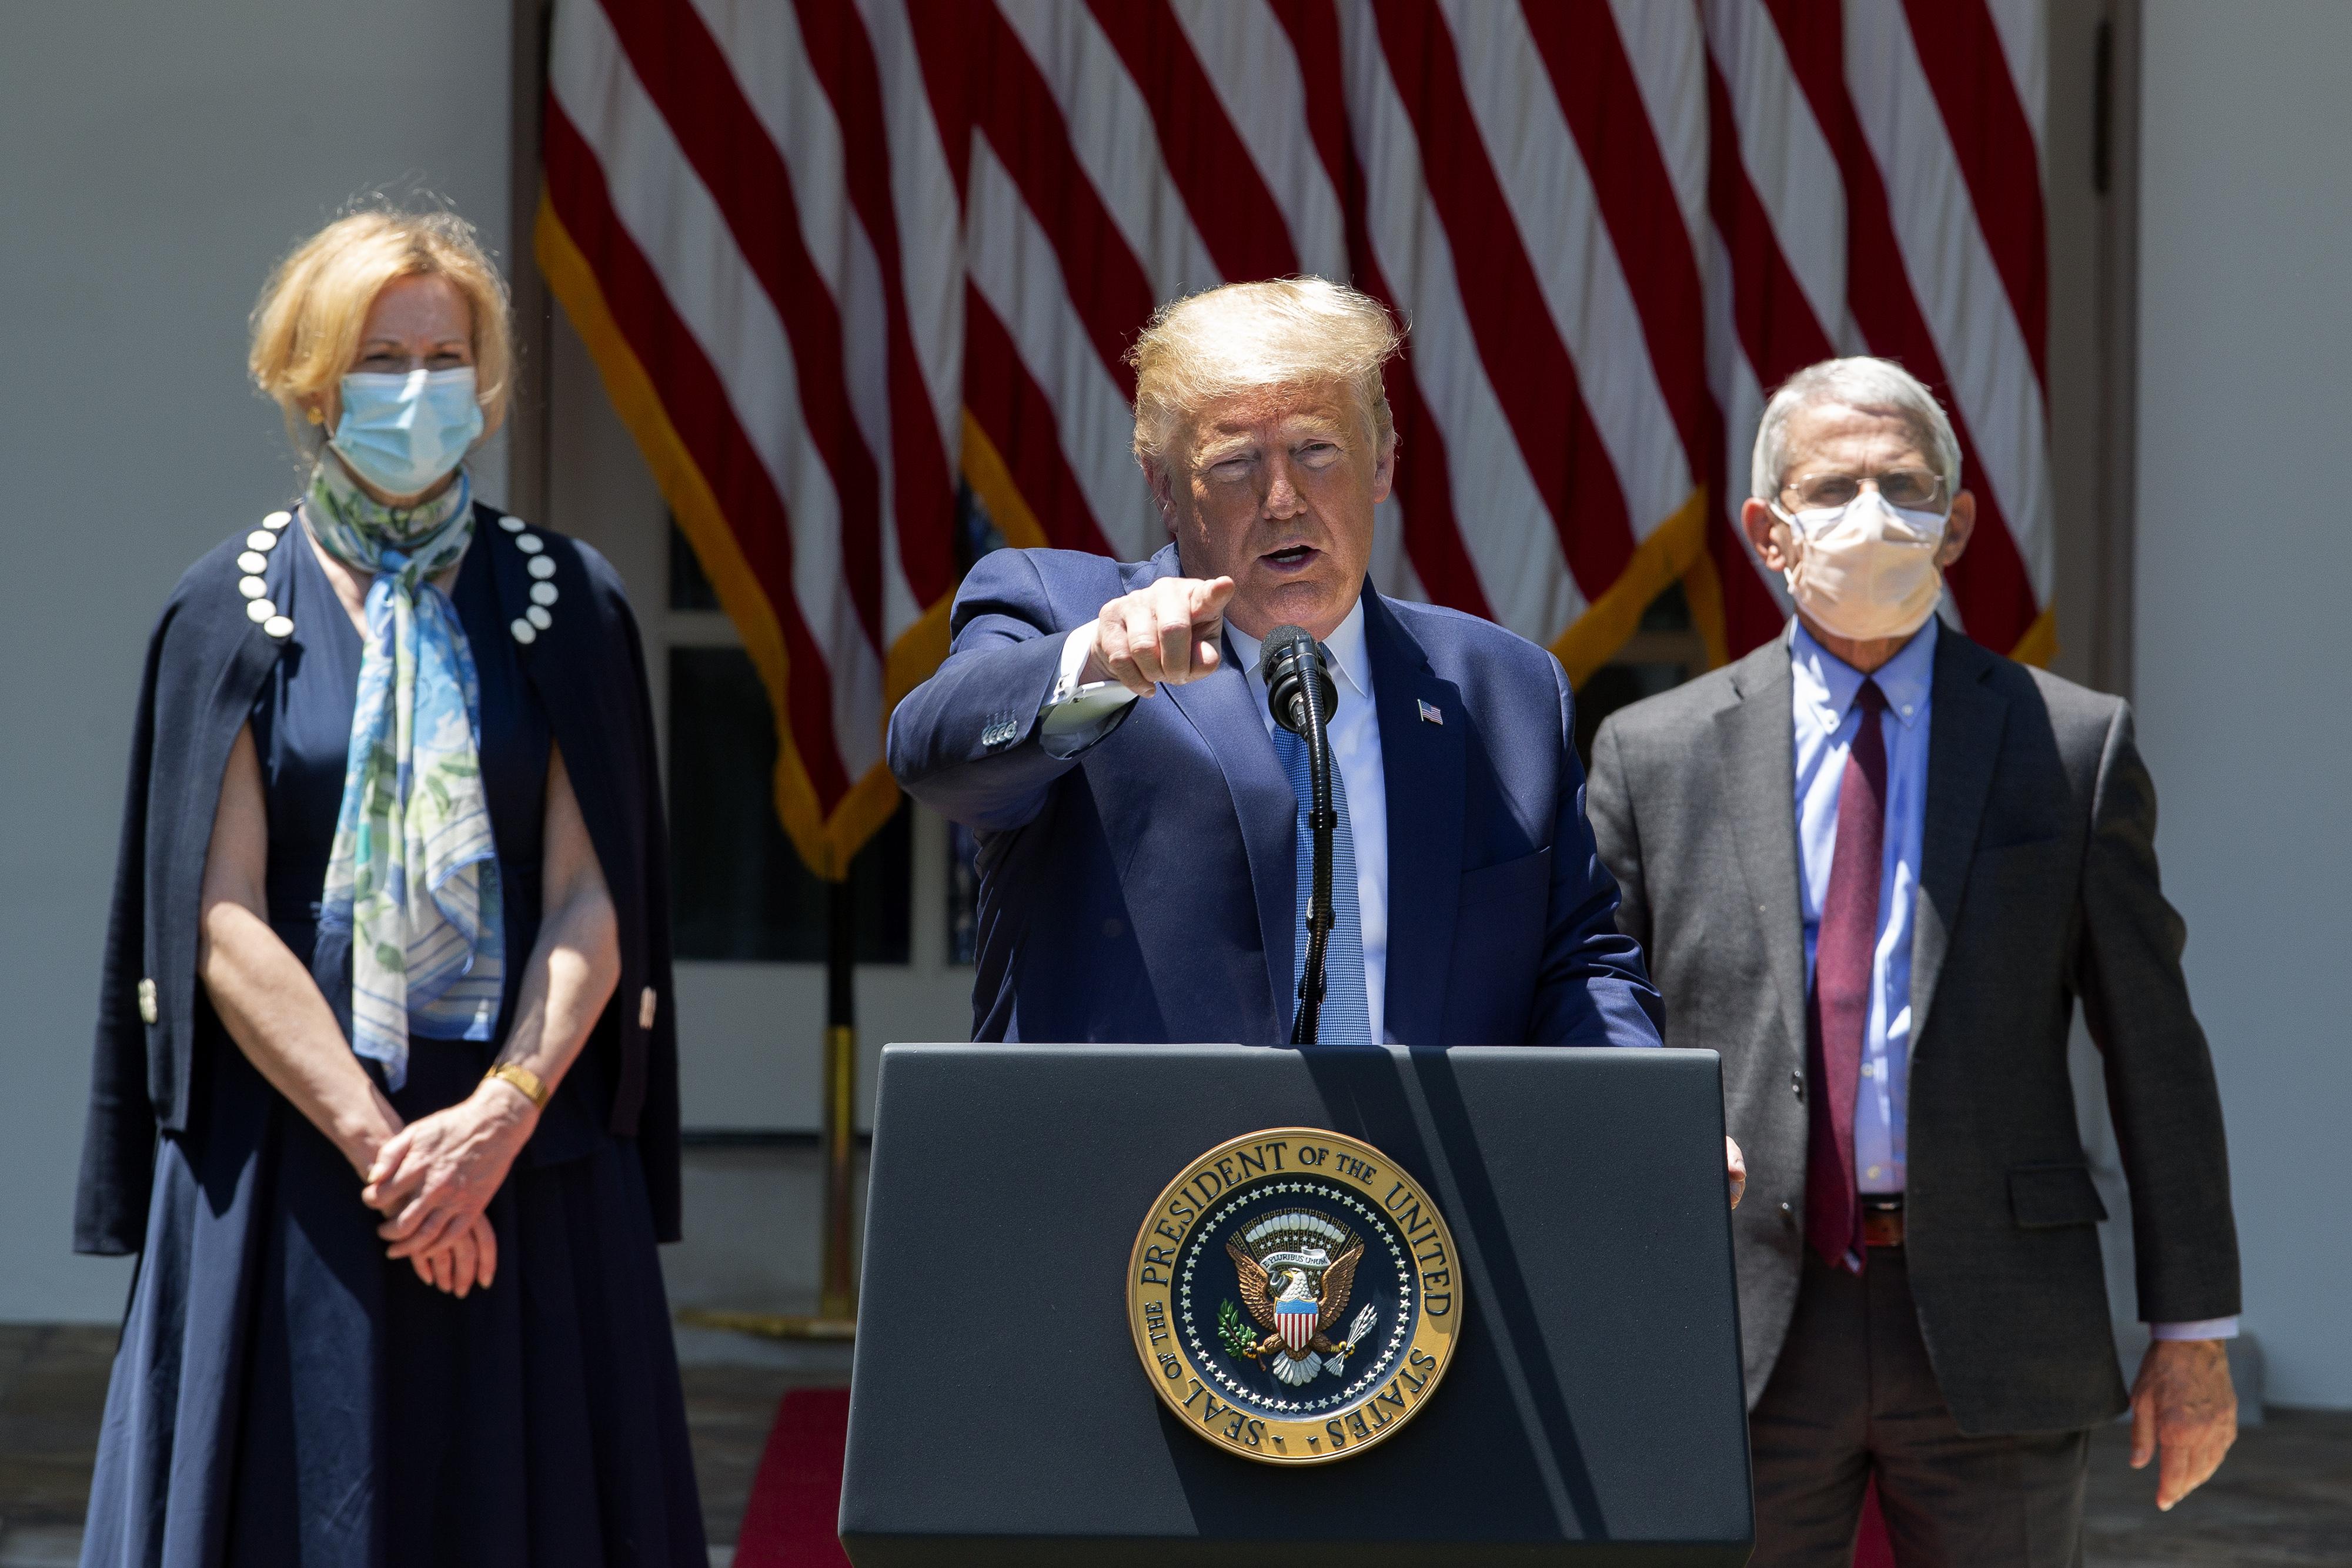 ABD Başkanı Donald Trump'tan koronvirüs aşısı çalışmalarına ilişkin açıklama!